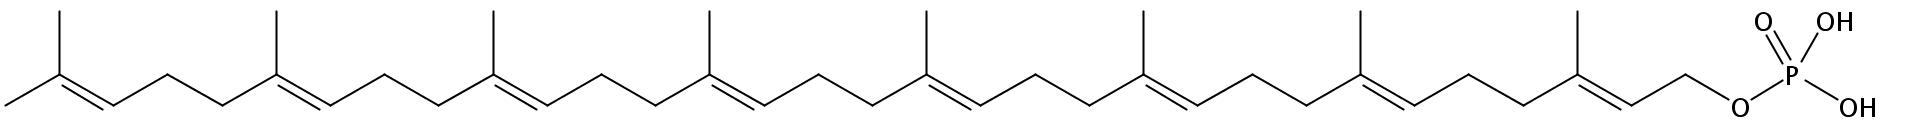 Structural formula of Octaprenyl-MPDA